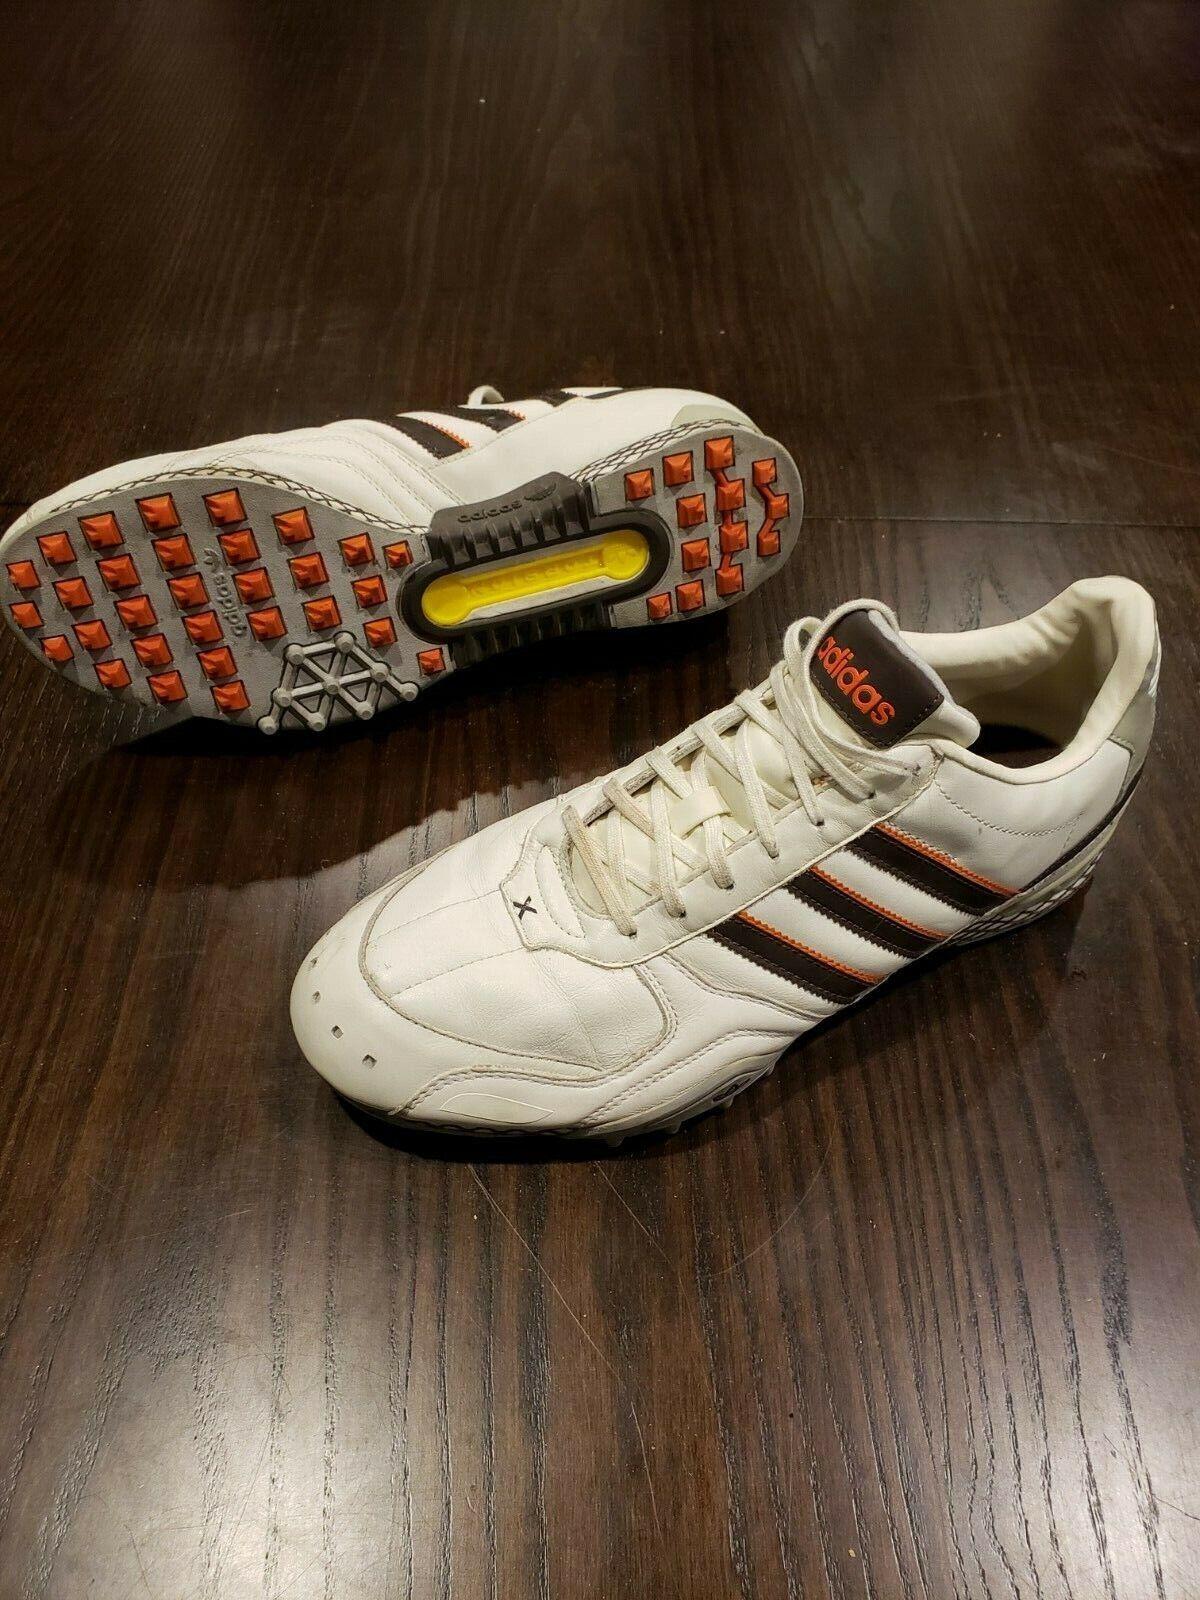 Adidas originali torsione x scarpe bianco   arancio   volume 11   rare le scarpe  | Outlet Online Shop  | Uomini/Donne Scarpa